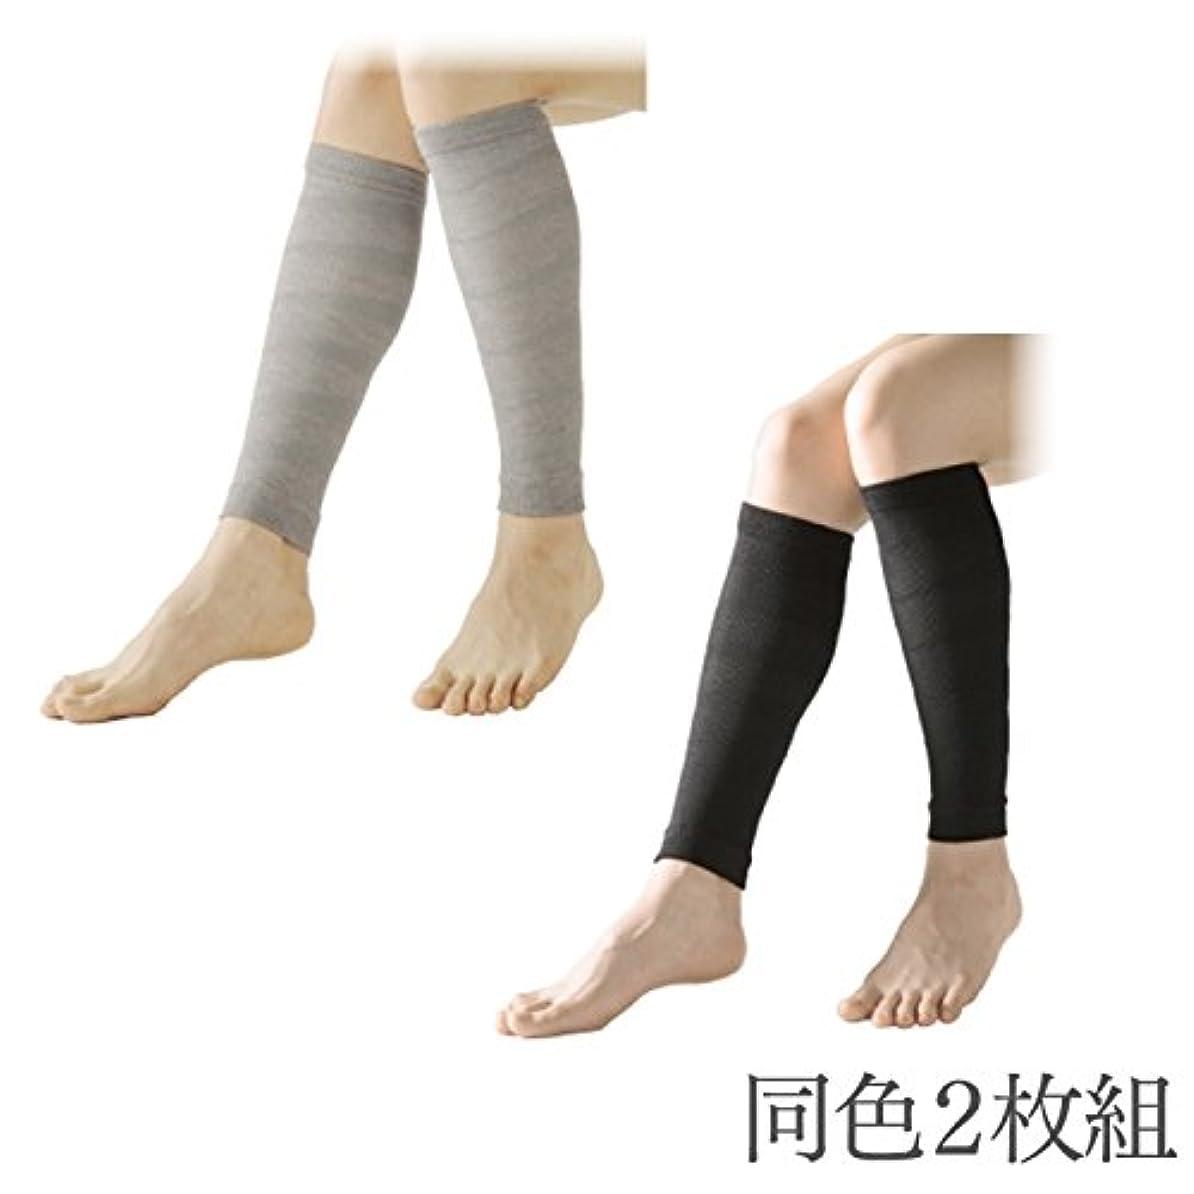 乱用イタリック同志着圧ソックス 足のむくみ 靴下 むくみ解消 着圧ふくらはぎサポーター 2枚組